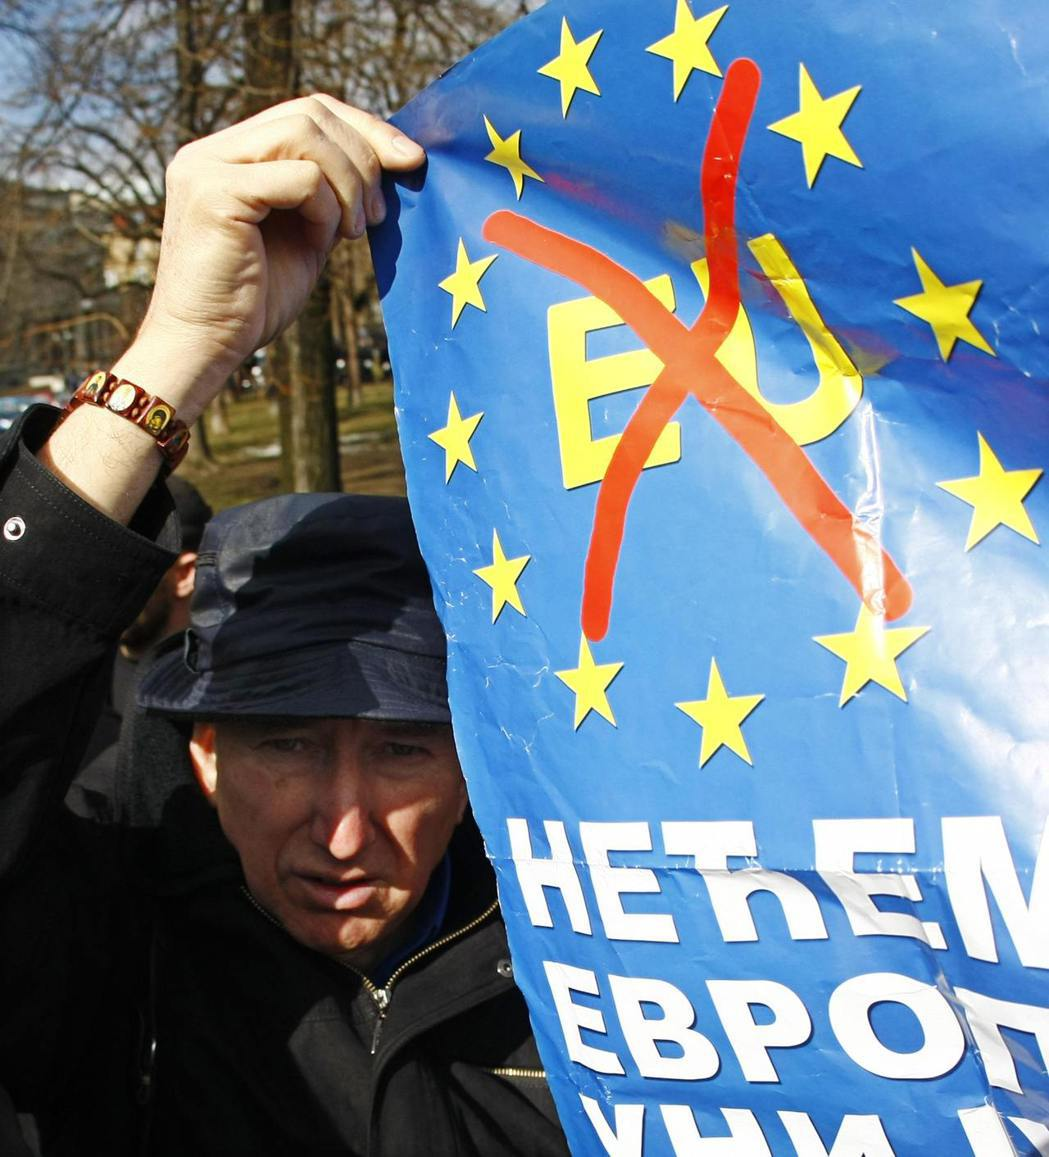 塞爾維亞極右派激進黨(Radical Party)黨員高舉著「我們不要加入歐盟!...